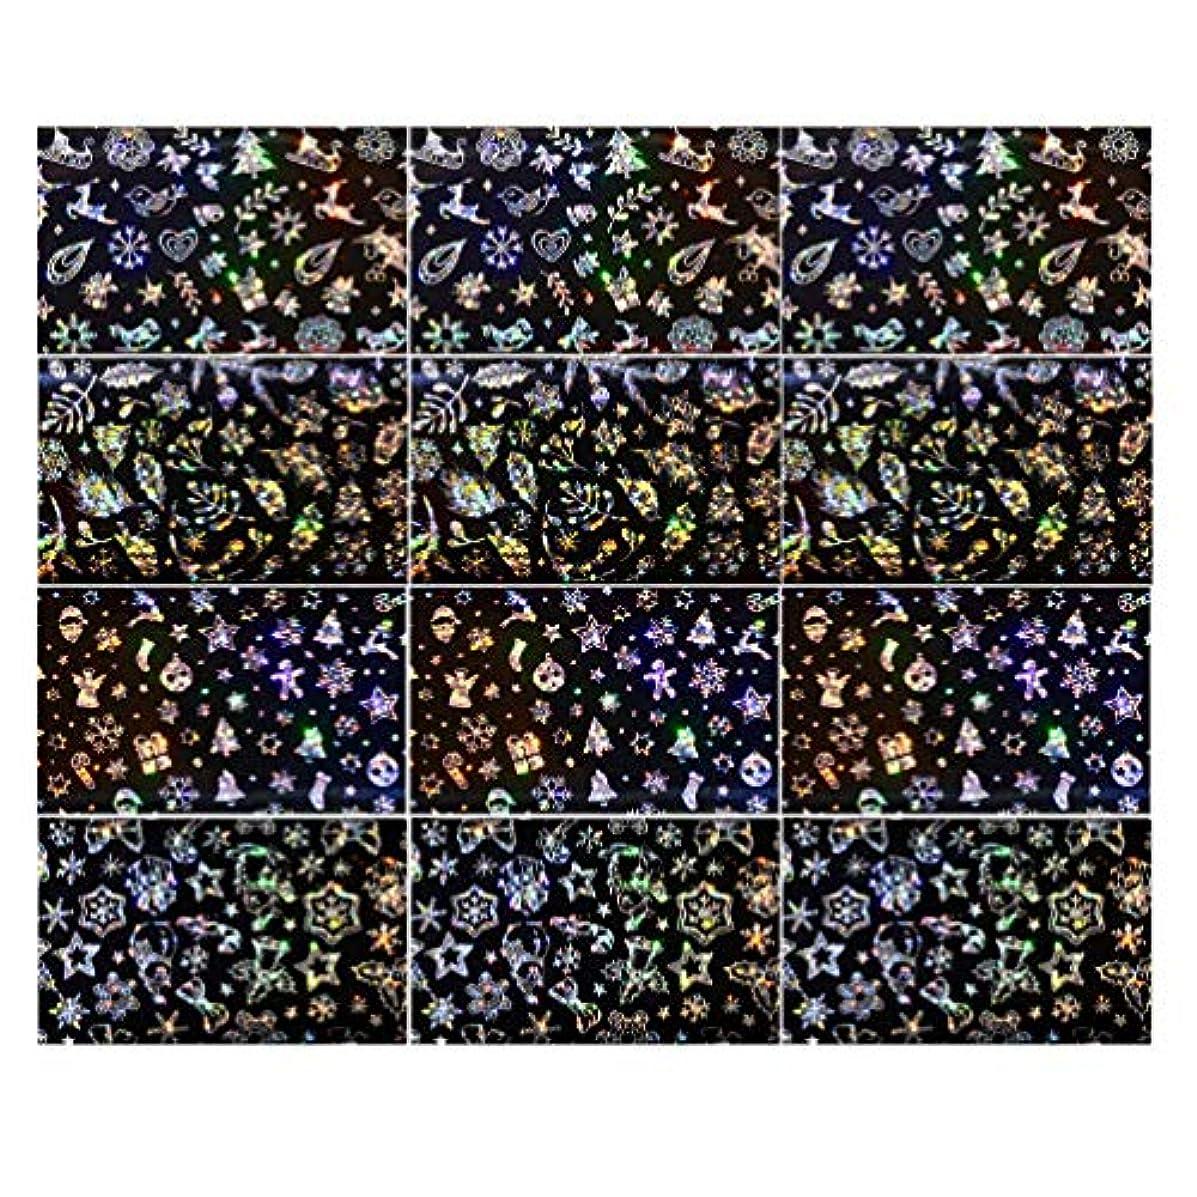 望む信じられない単語Lurrose 3セットクリスマスネイルステッカースノーフレークネイルタトゥーdiyネイルアート用女性マダムガールレディ